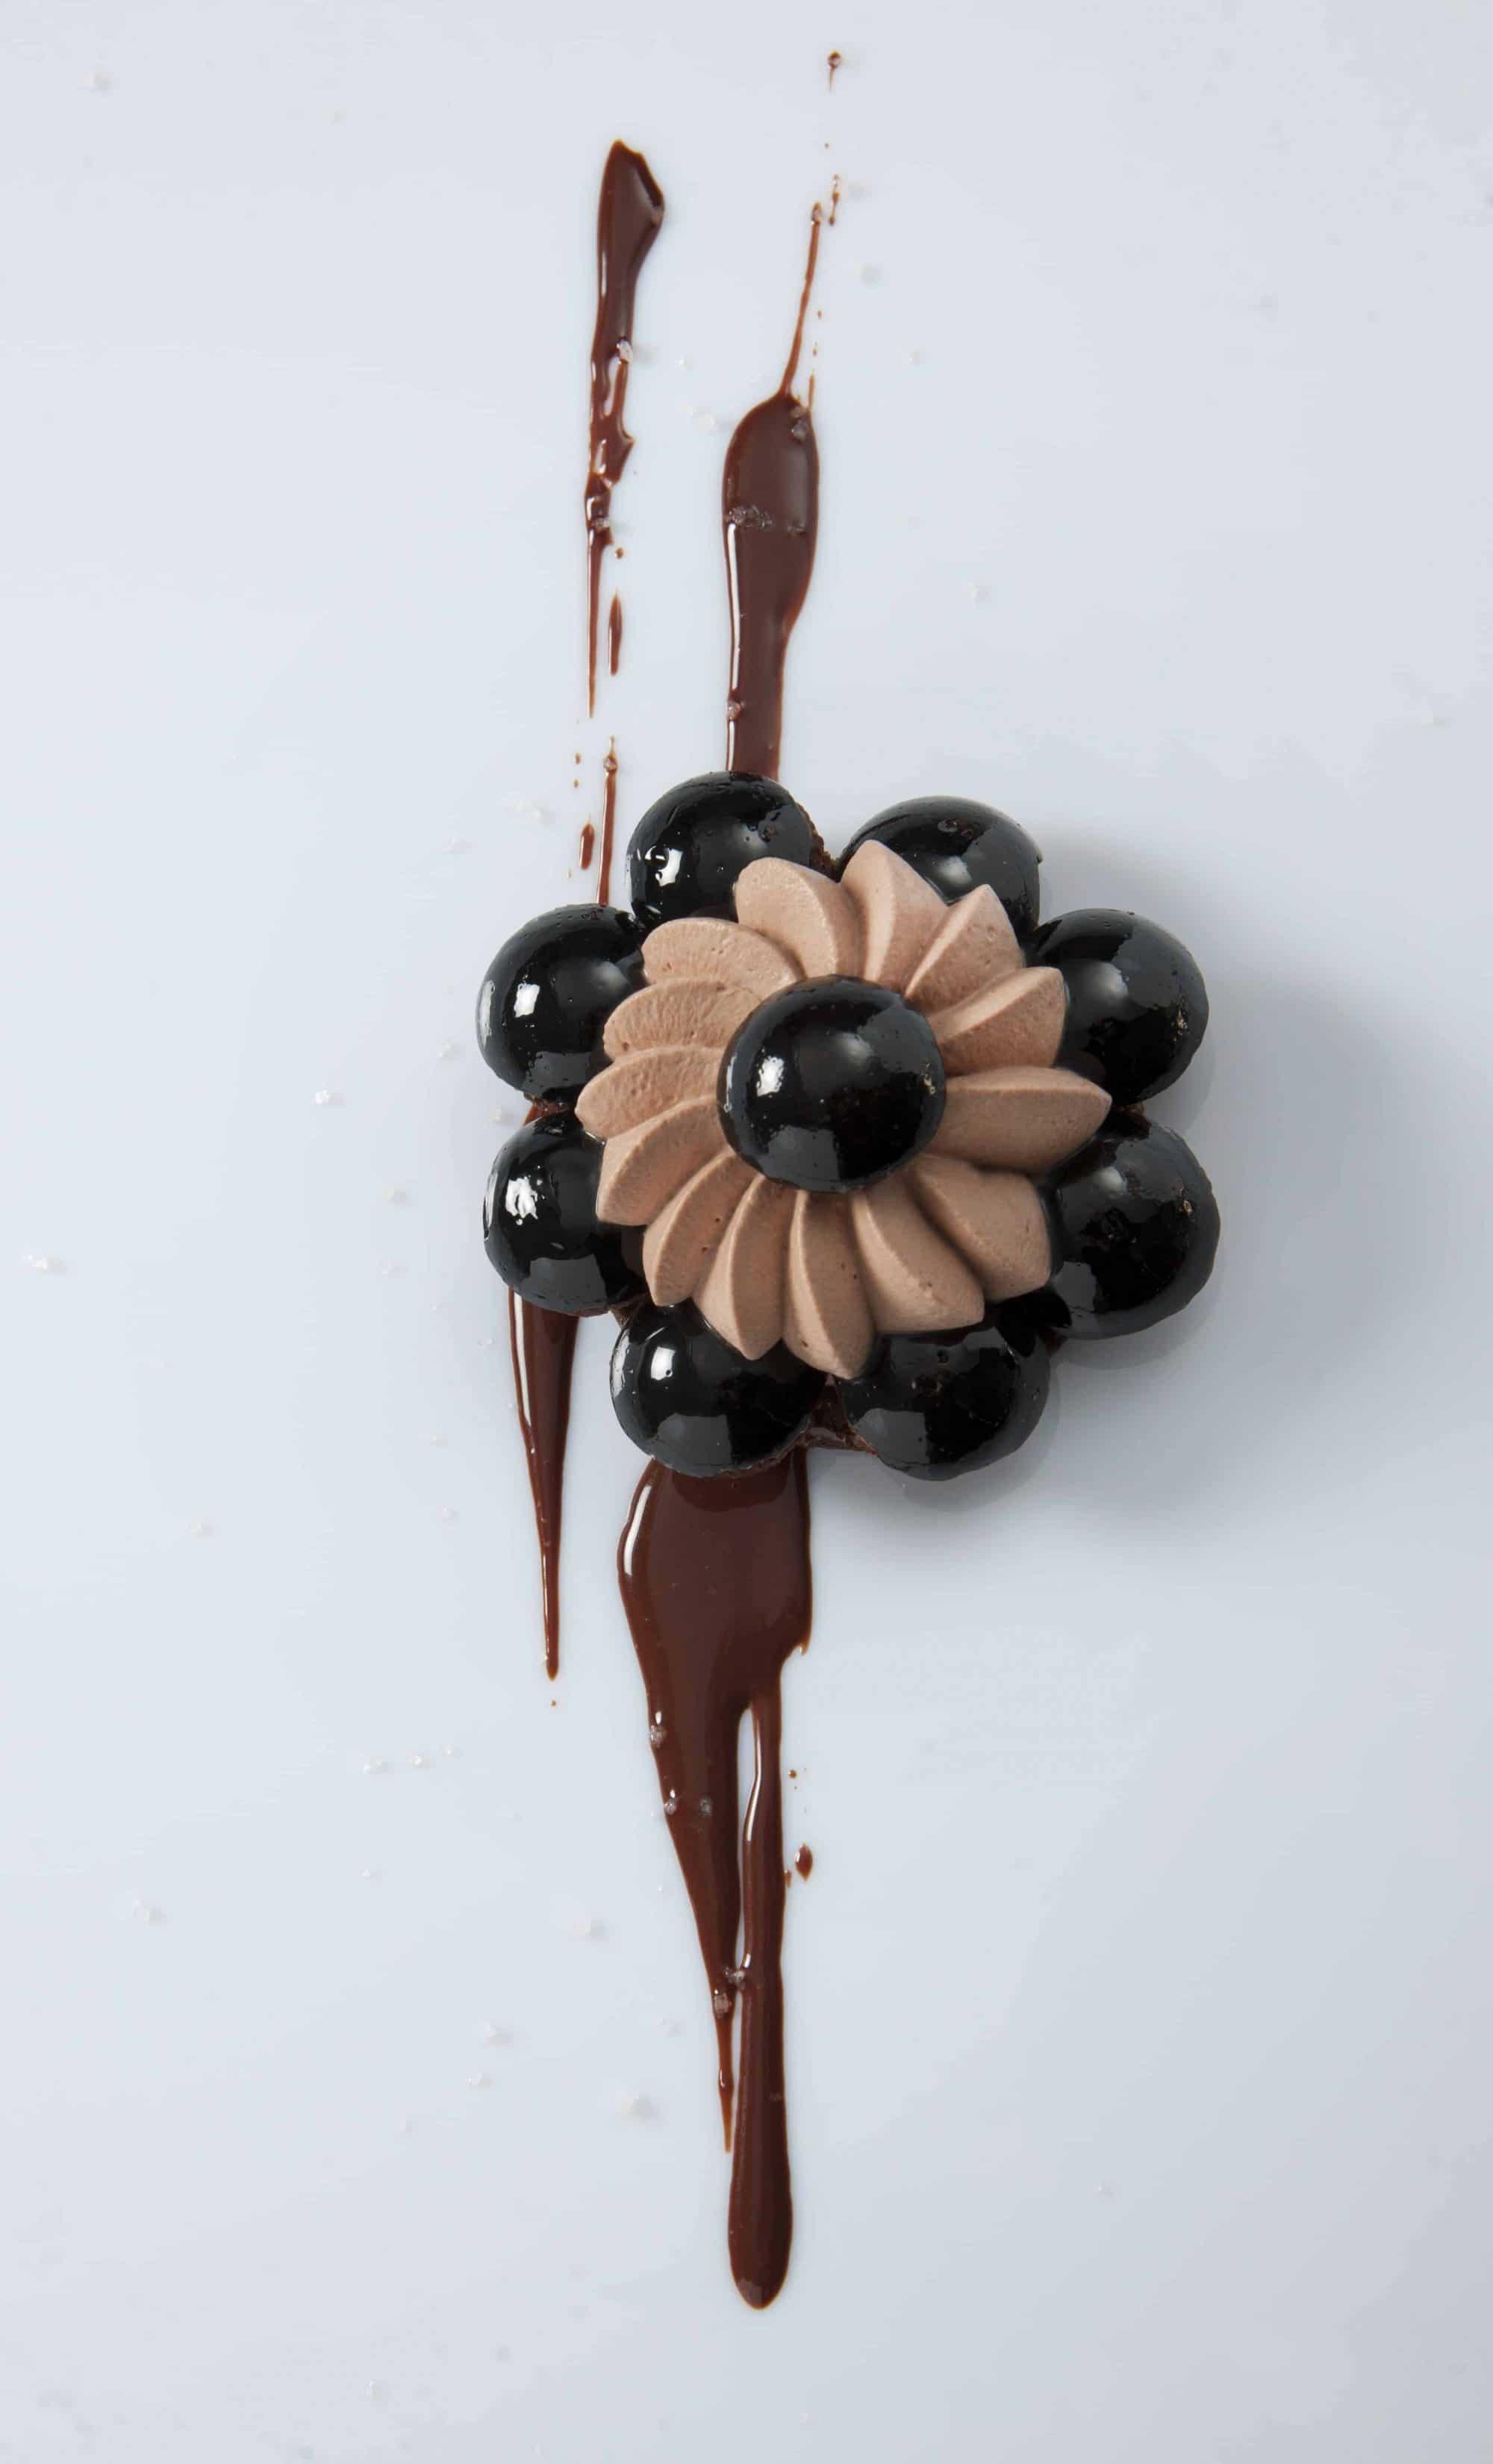 Saint-Honoré chocolat et fleur de sel © Christophe Madamour